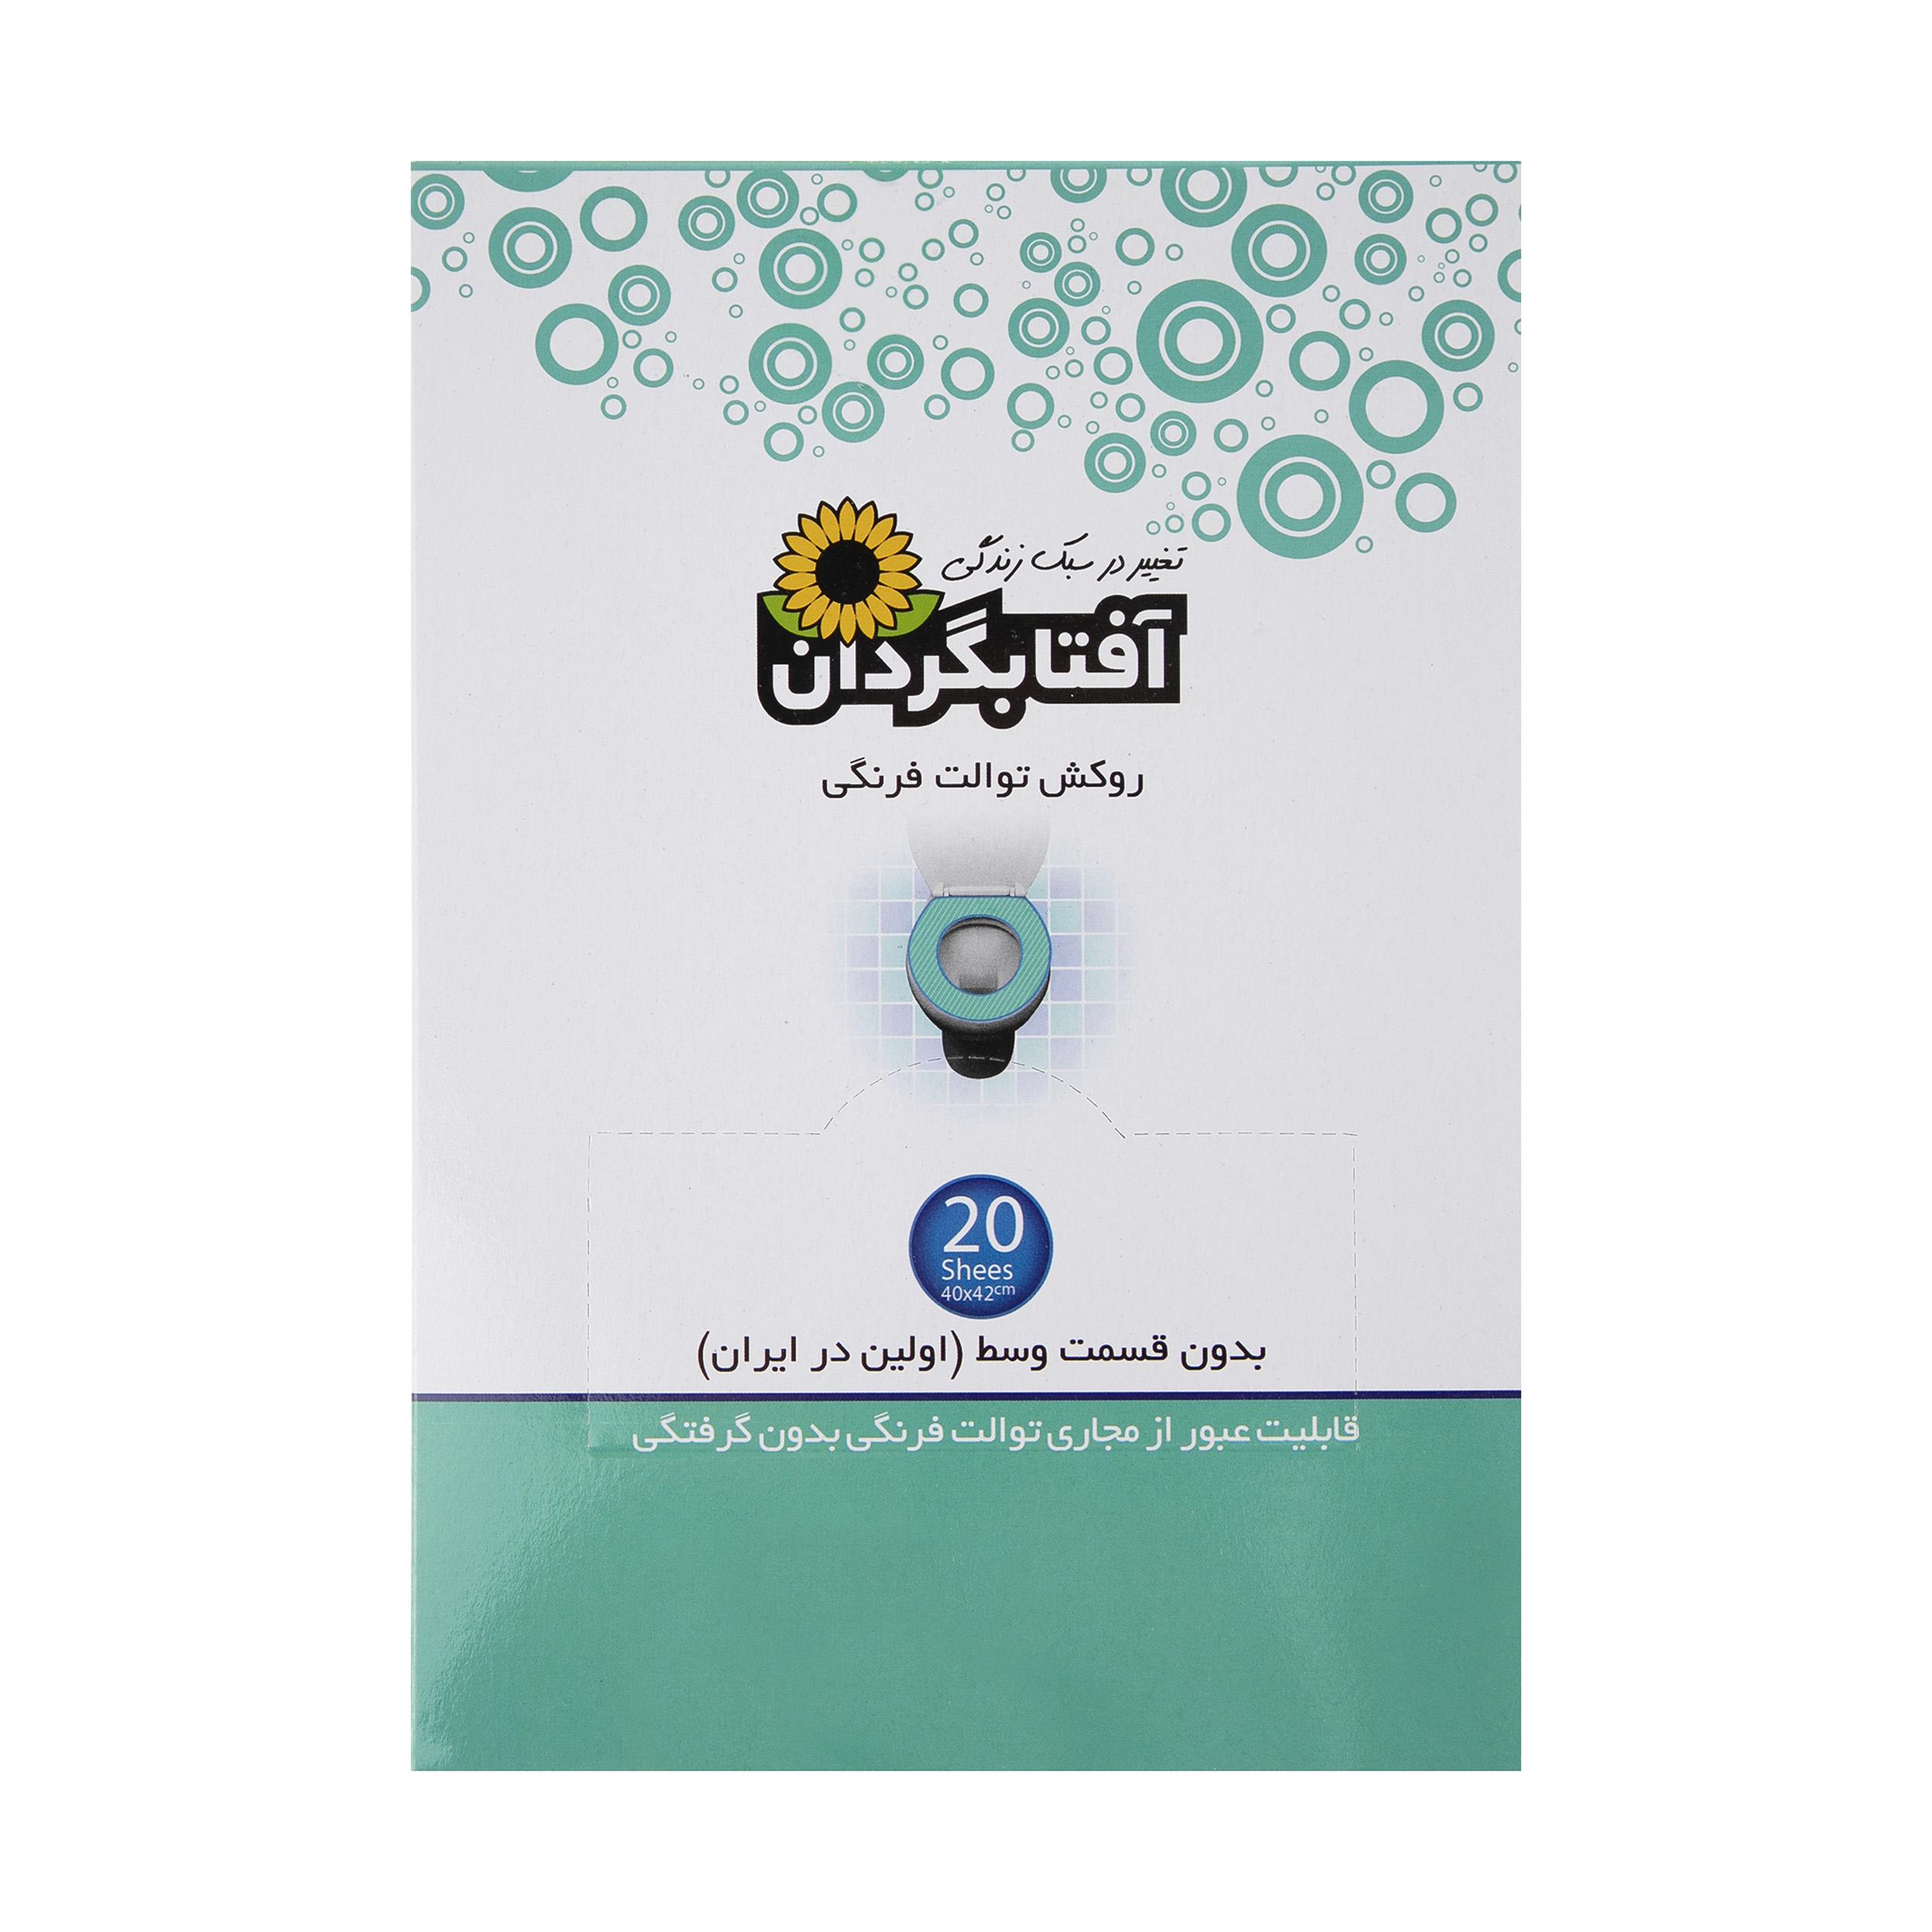 روکش توالت فرنگی یکبار مصرف آفتابگردان کد 4382 بسته 20 عددی